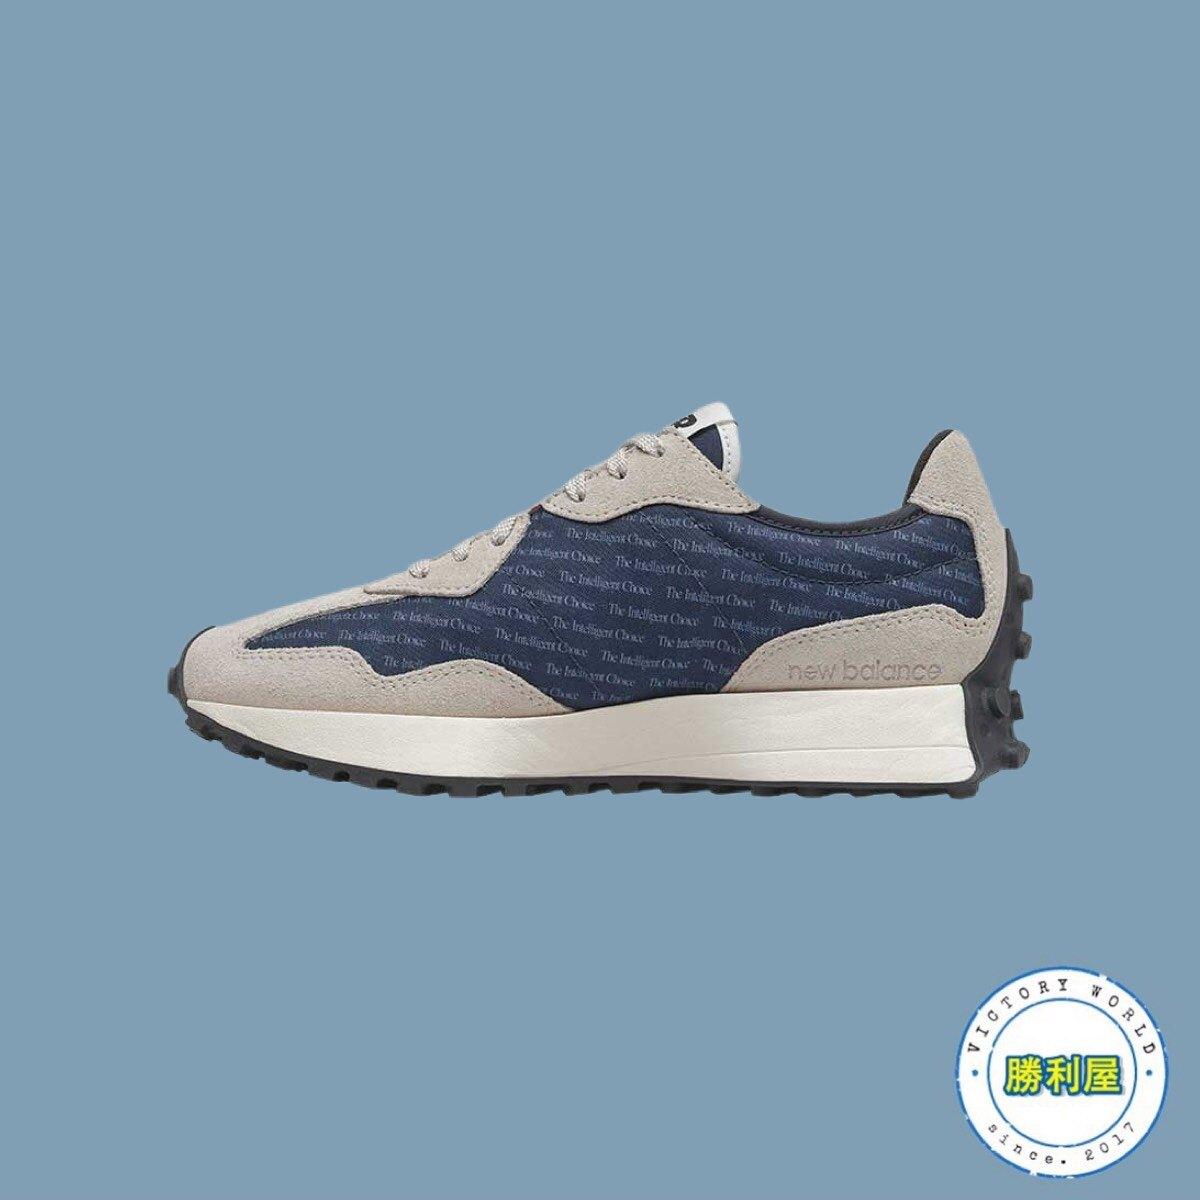 【滿額現折300】【NEW BALANCE】327 女鞋 休閒鞋 復古鞋 灰白 藍 卡其 復古 麂皮 增高 熱門款 WS327BA【勝利屋】